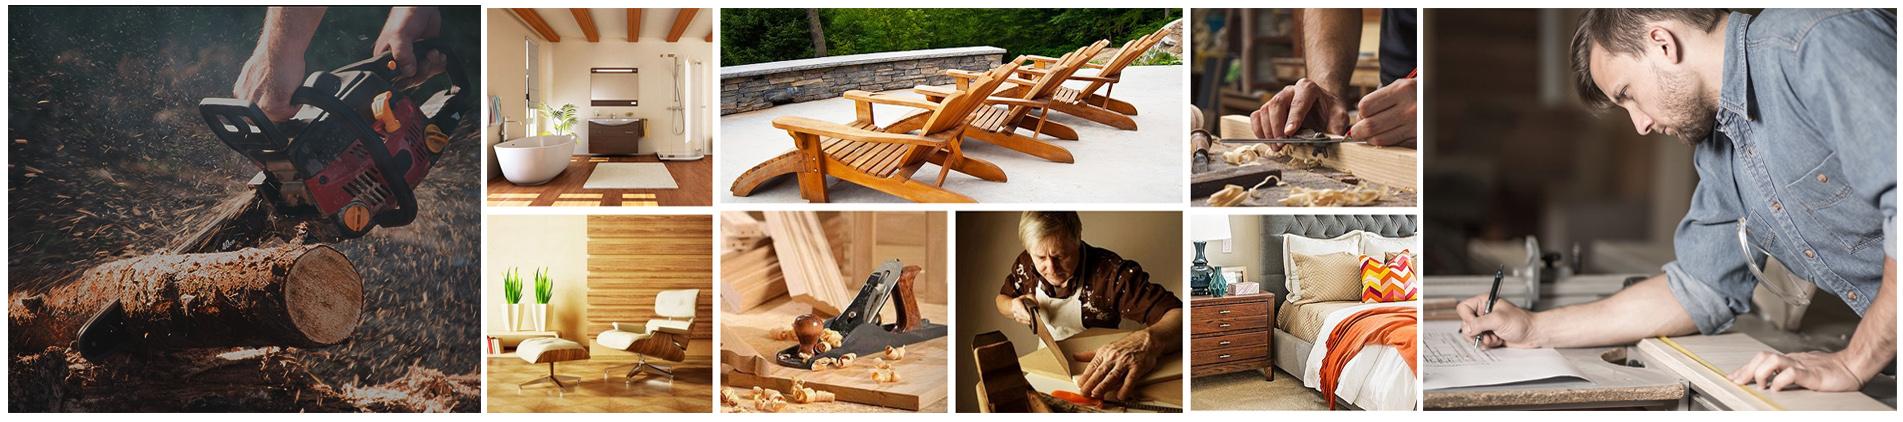 HPI Pine timber